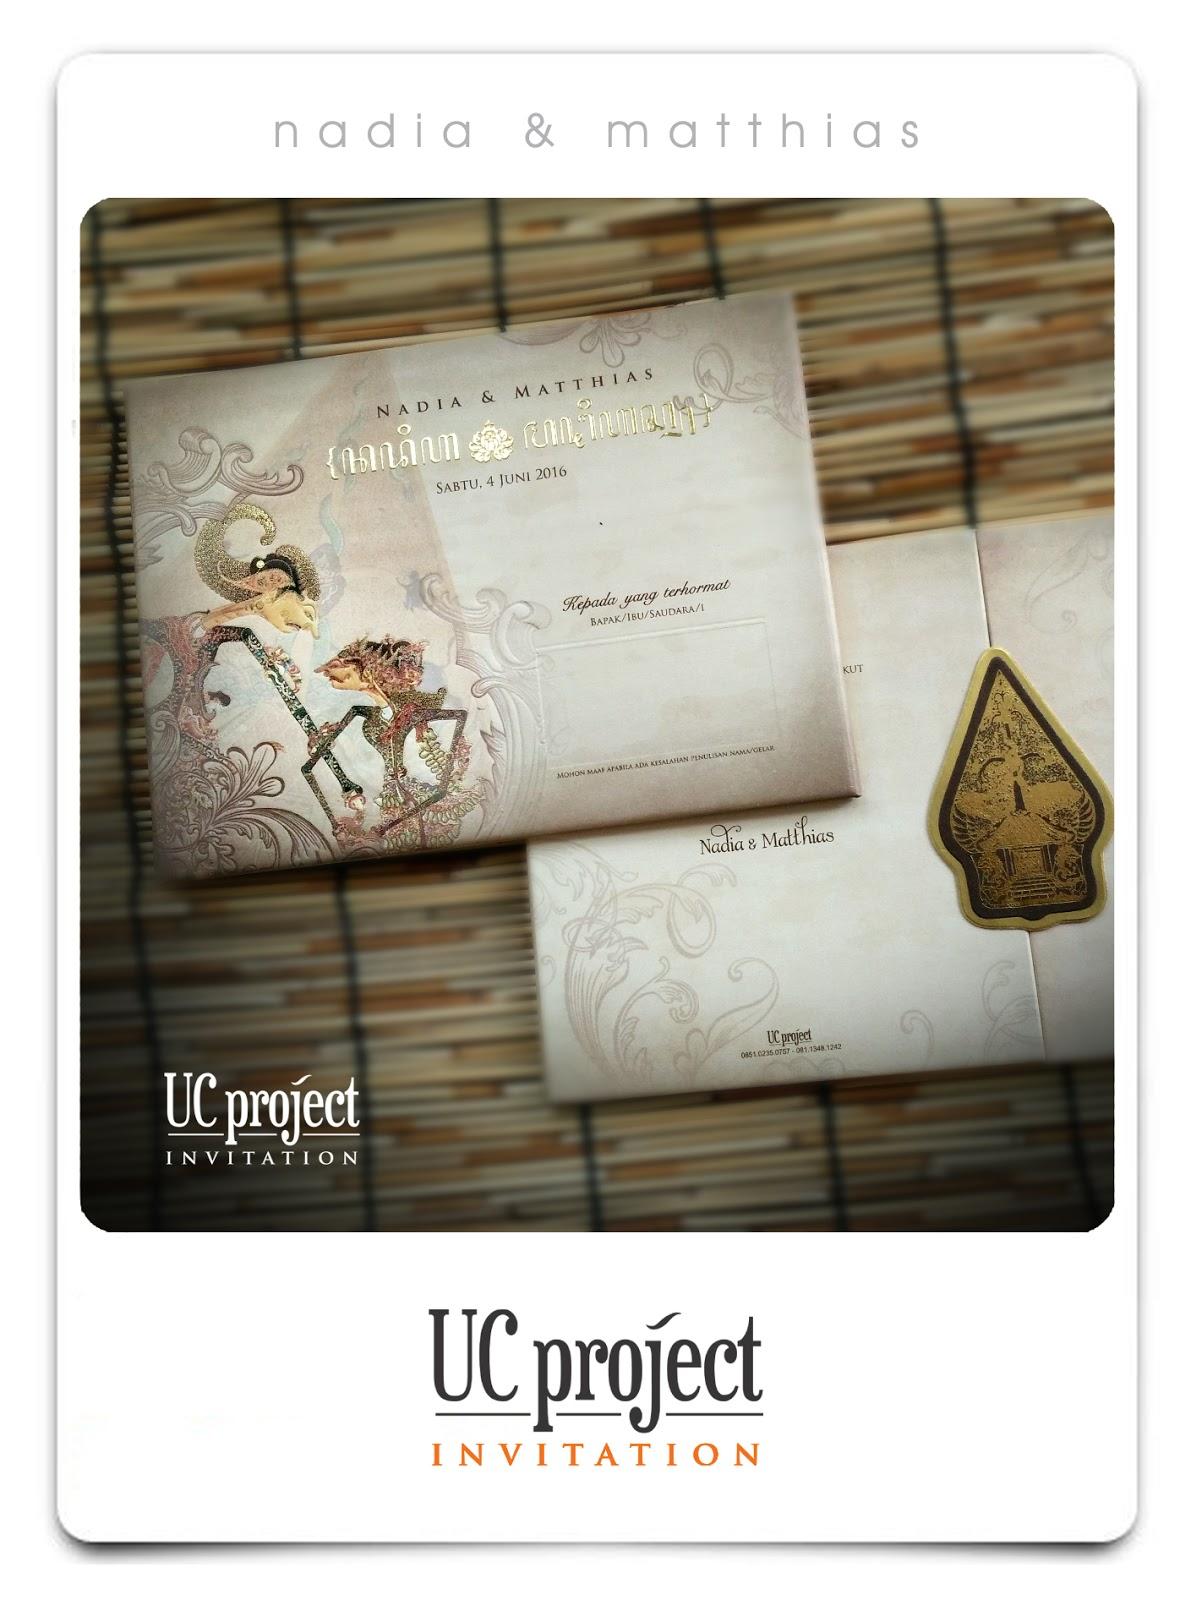 Retro Wedding Invitation for nice invitation design